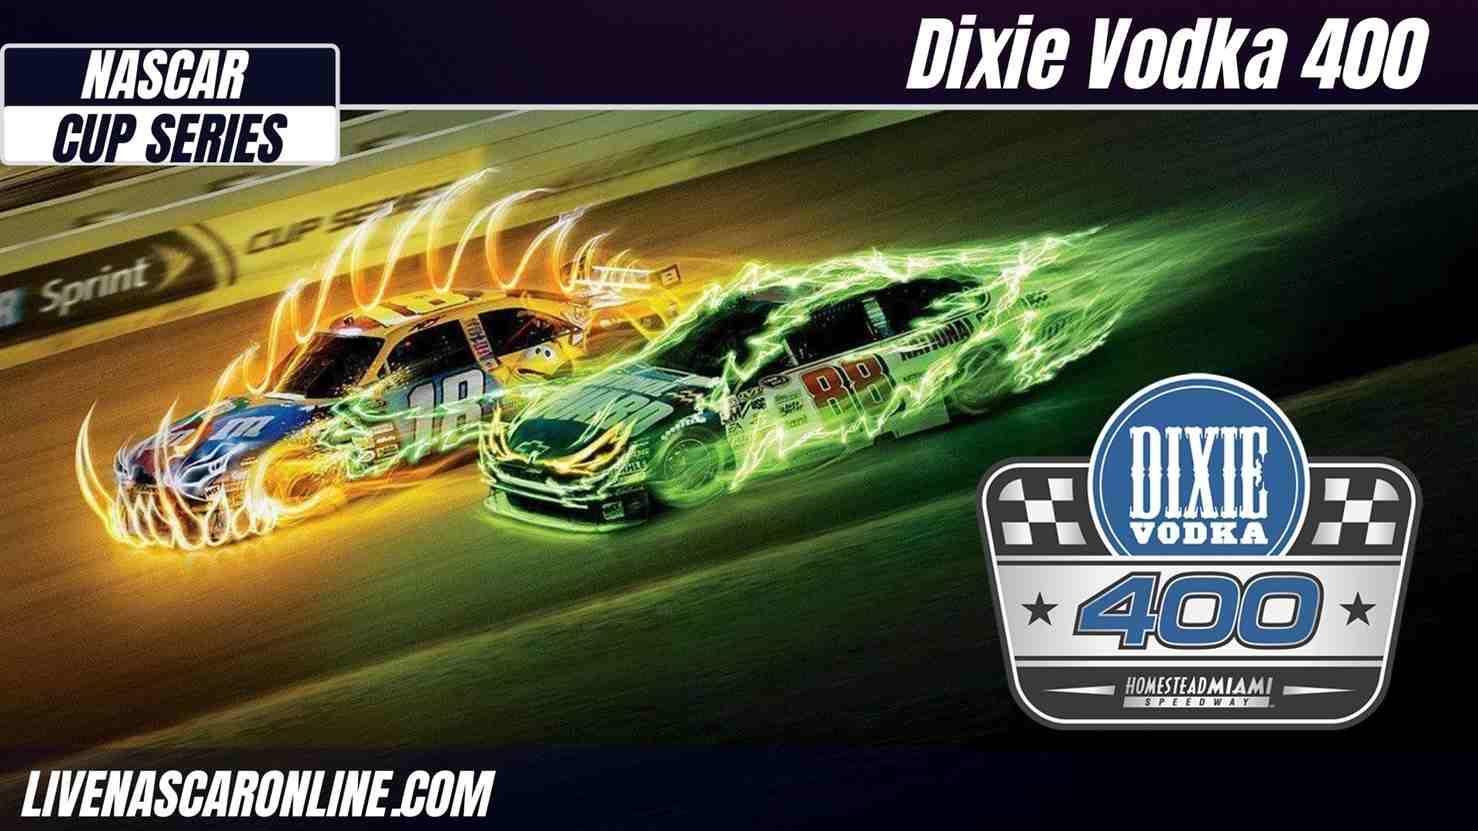 Dixie Vodka 400 Live Stream 2021